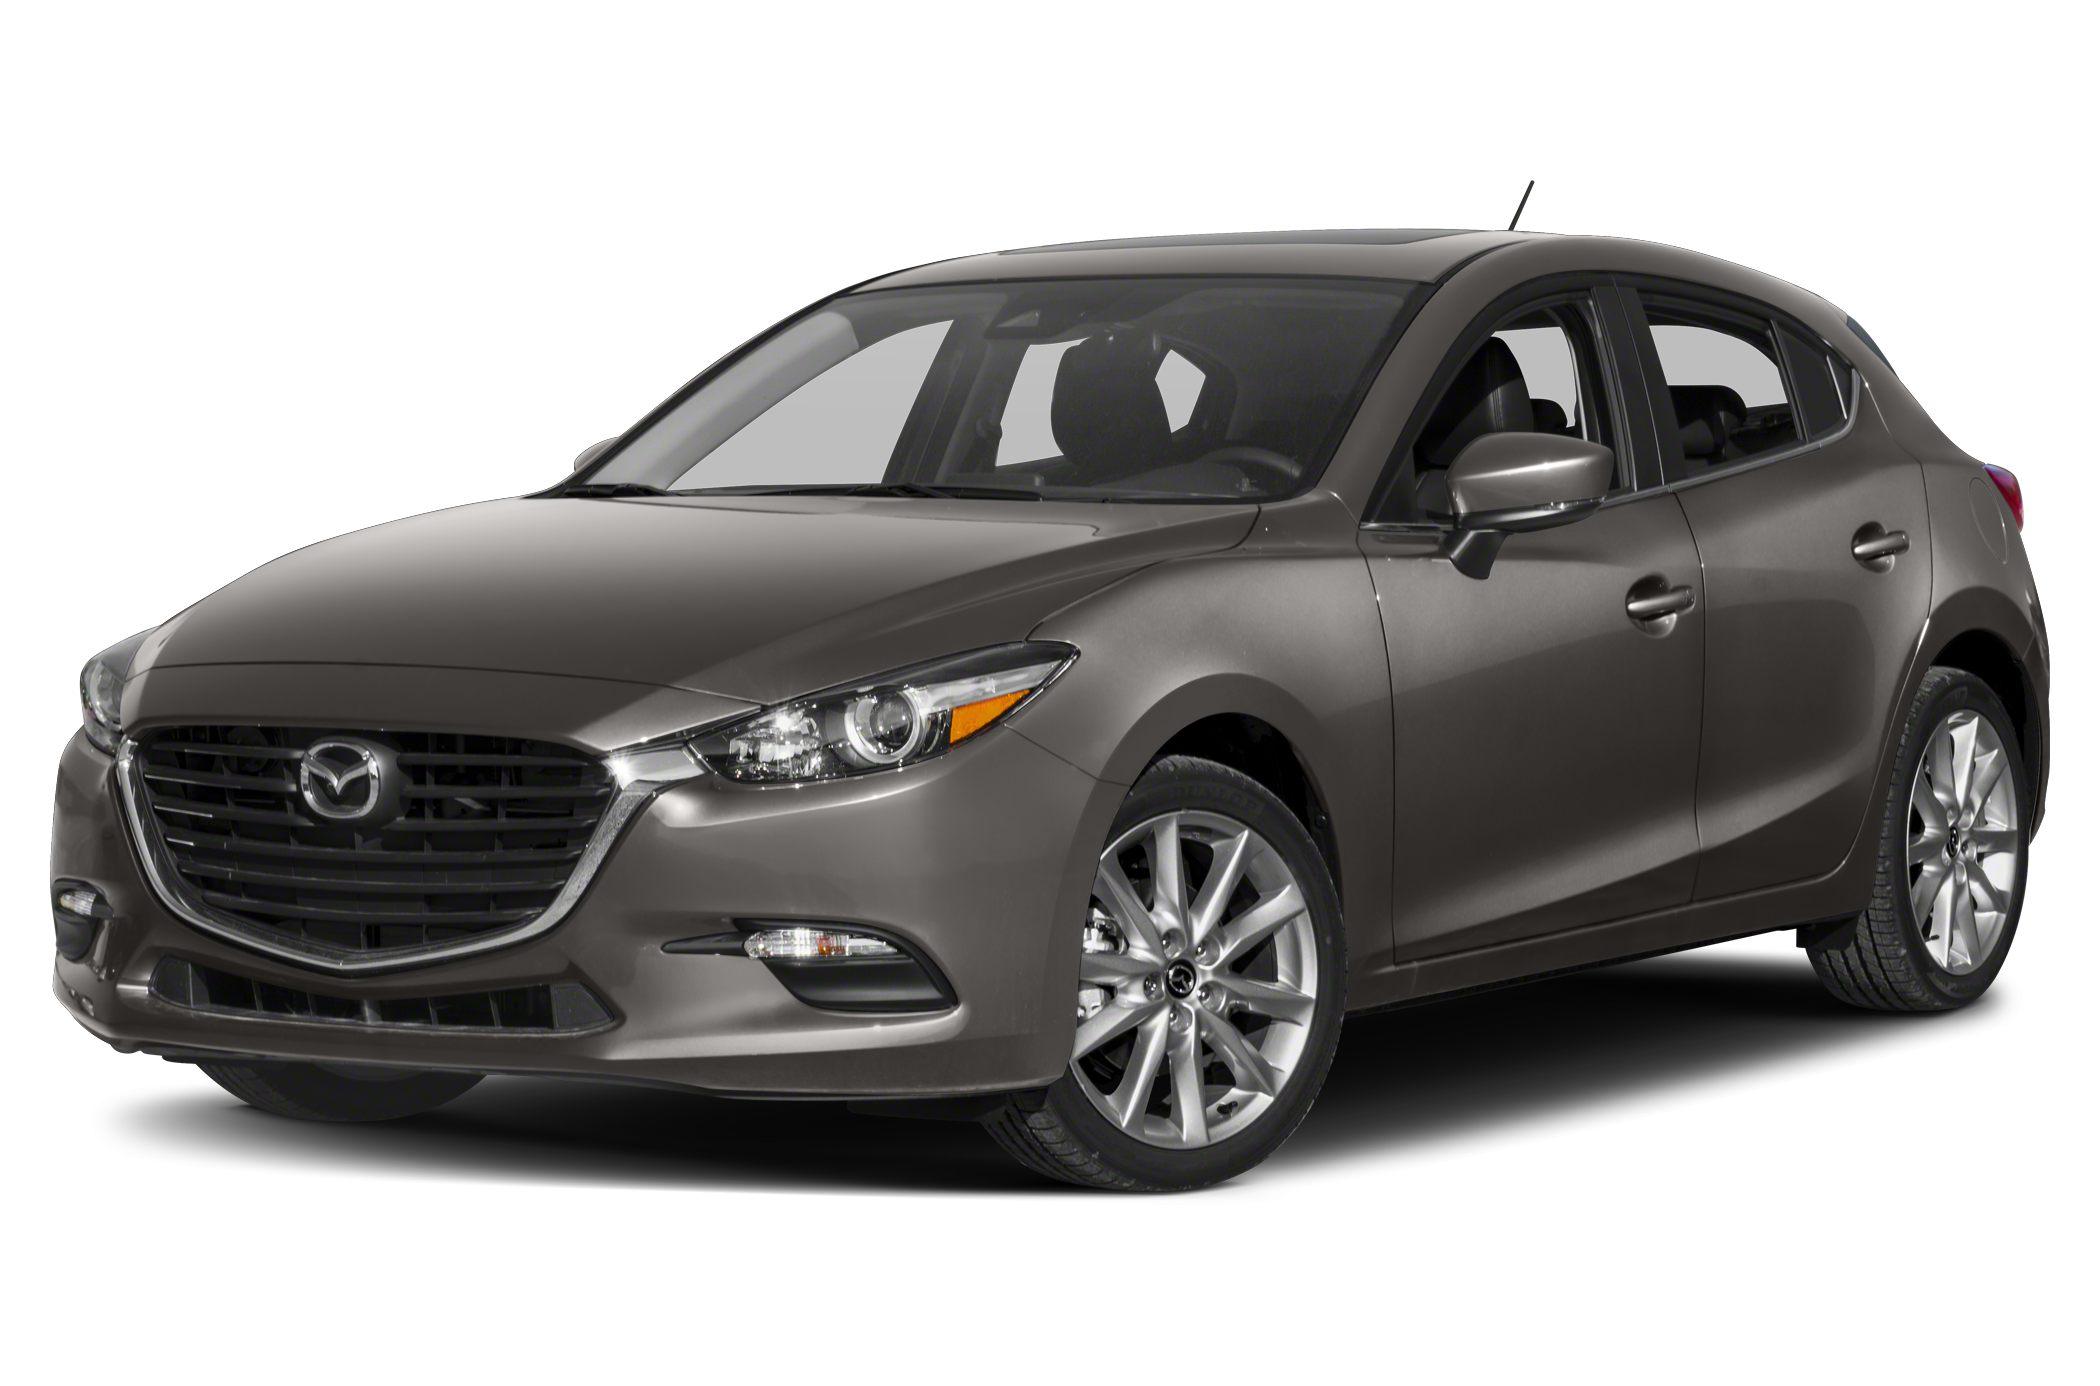 Kekurangan Mazda 2017 Top Model Tahun Ini